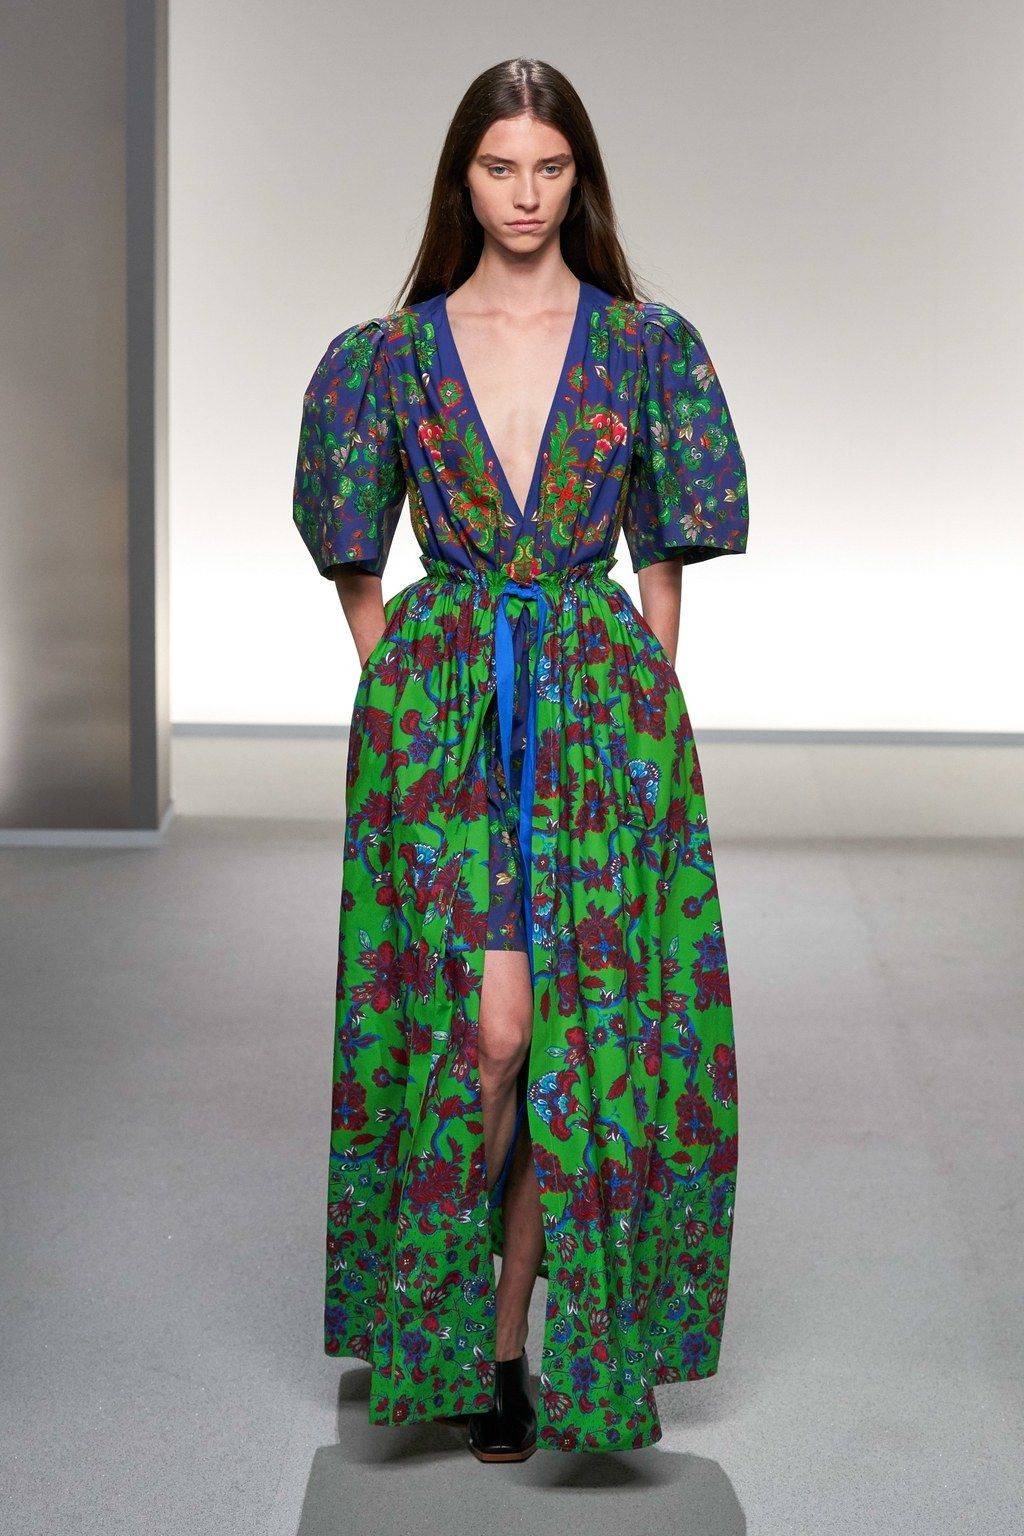 Givenchy Frühjahr/Sommer 2020 Readytowear  Fashion